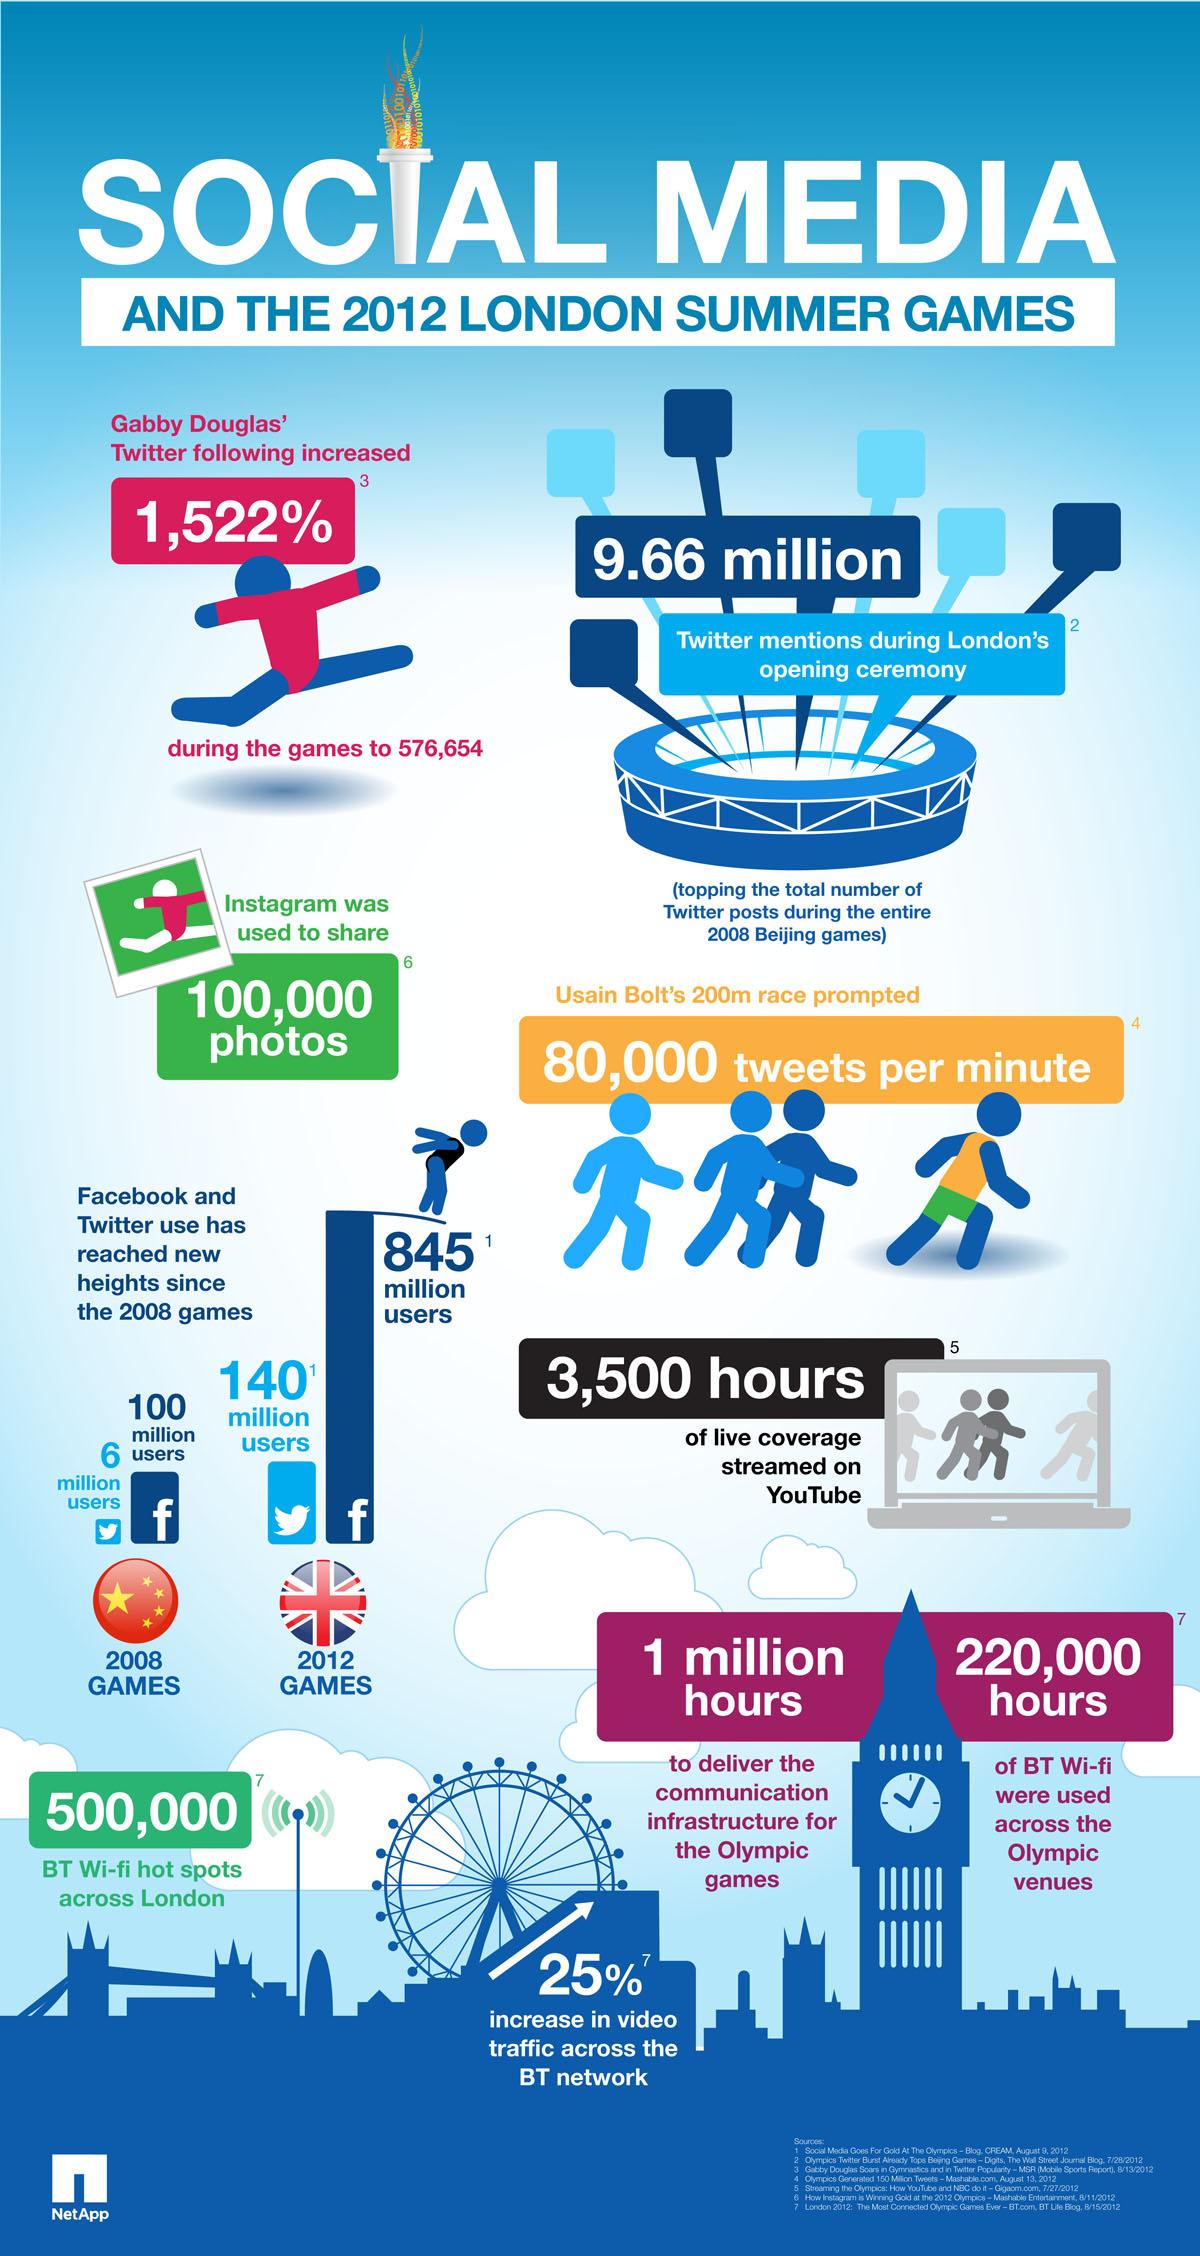 Londres 2012, la olimpiada de las Redes Sociales - acens blog